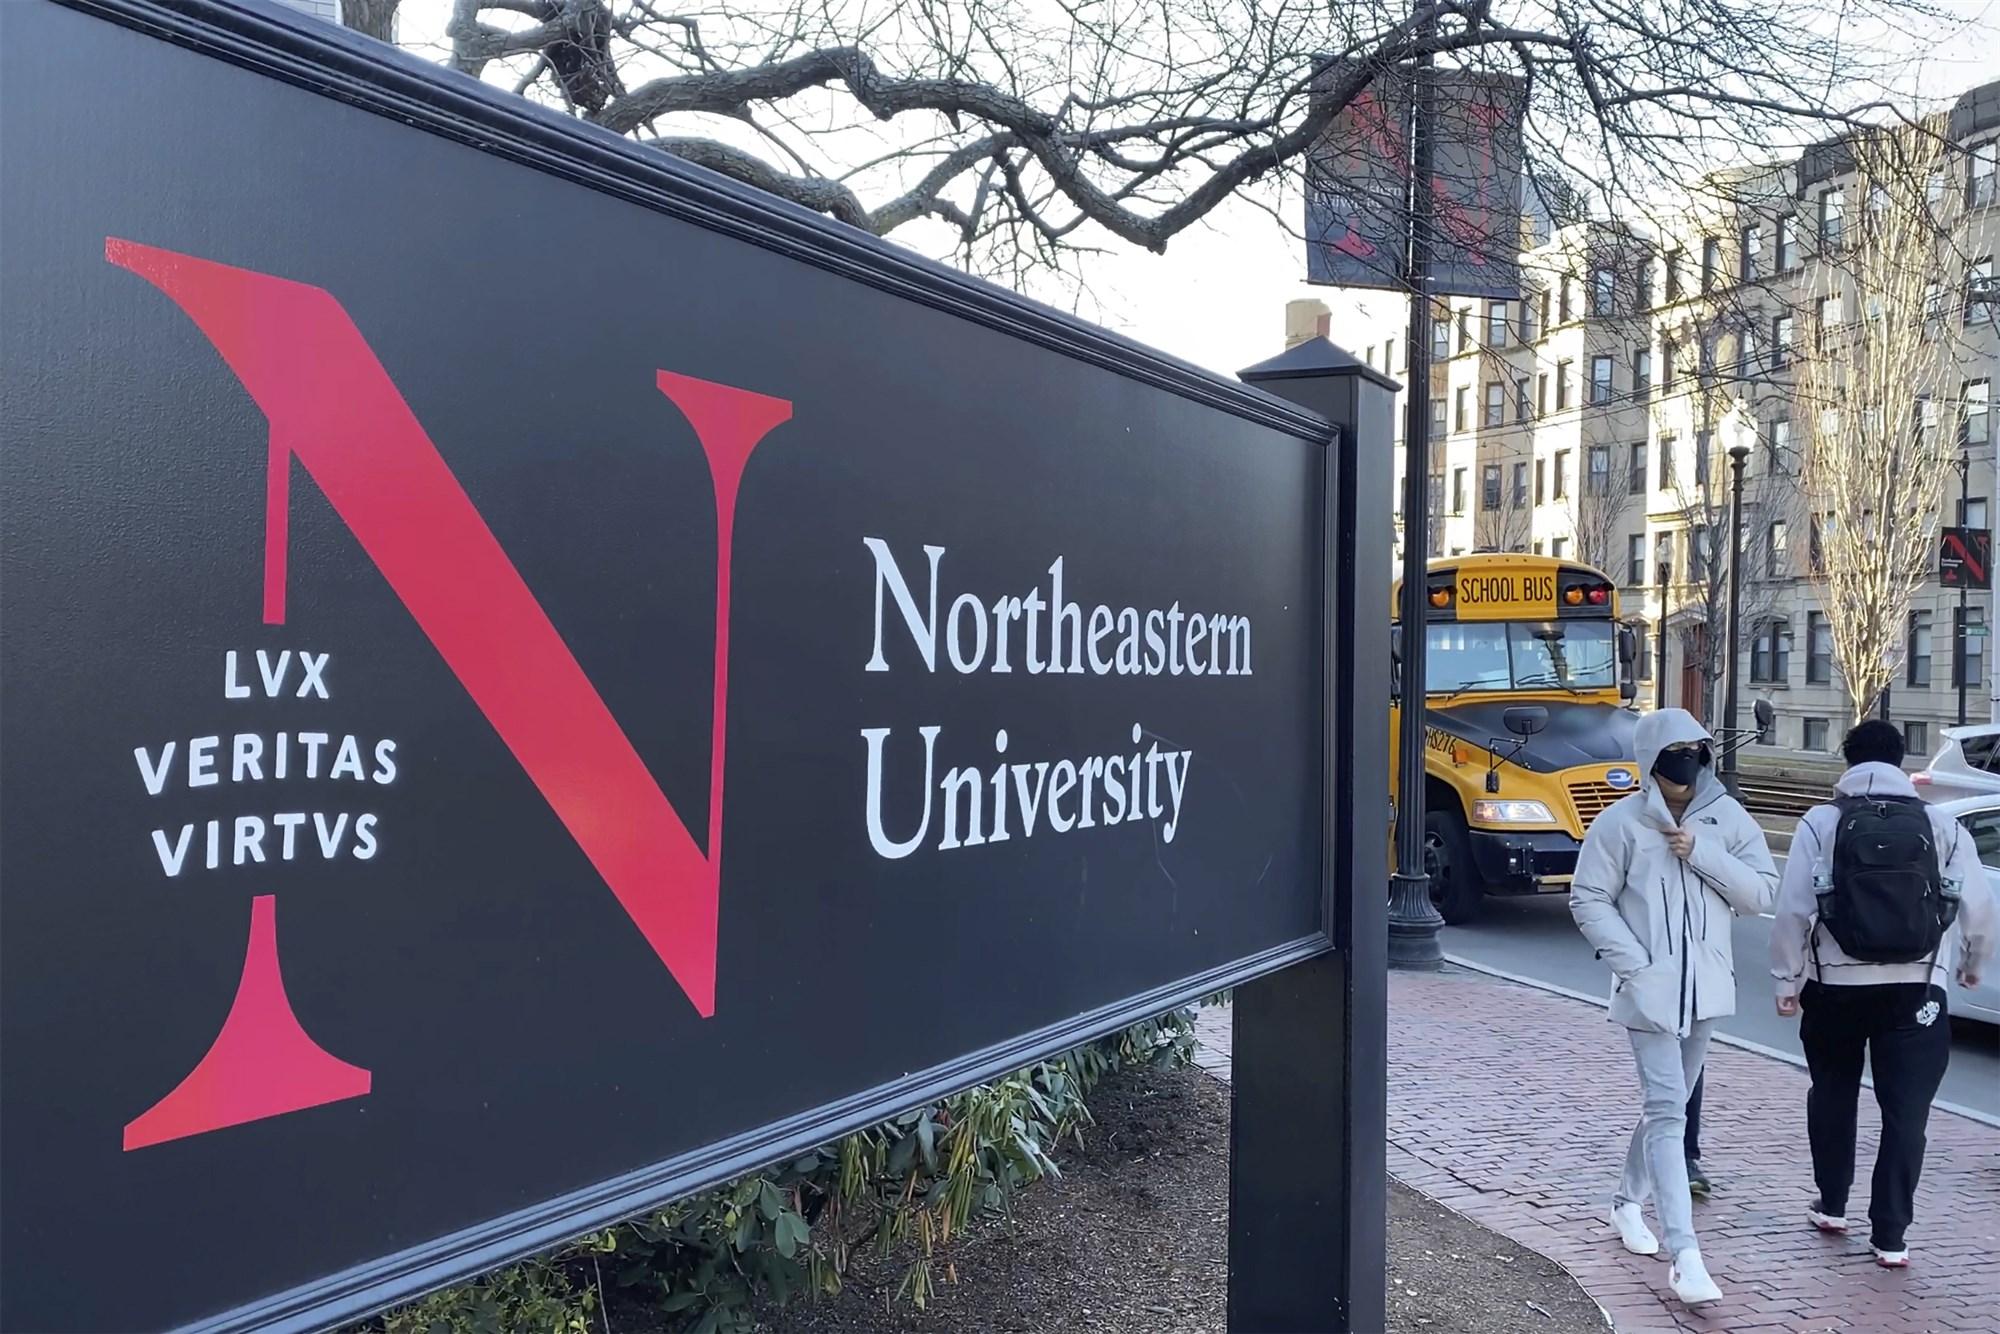 皇冠官网手机版:美大学11名留学生被开除:无视疫情扎堆一个房间 学费也不退 第1张